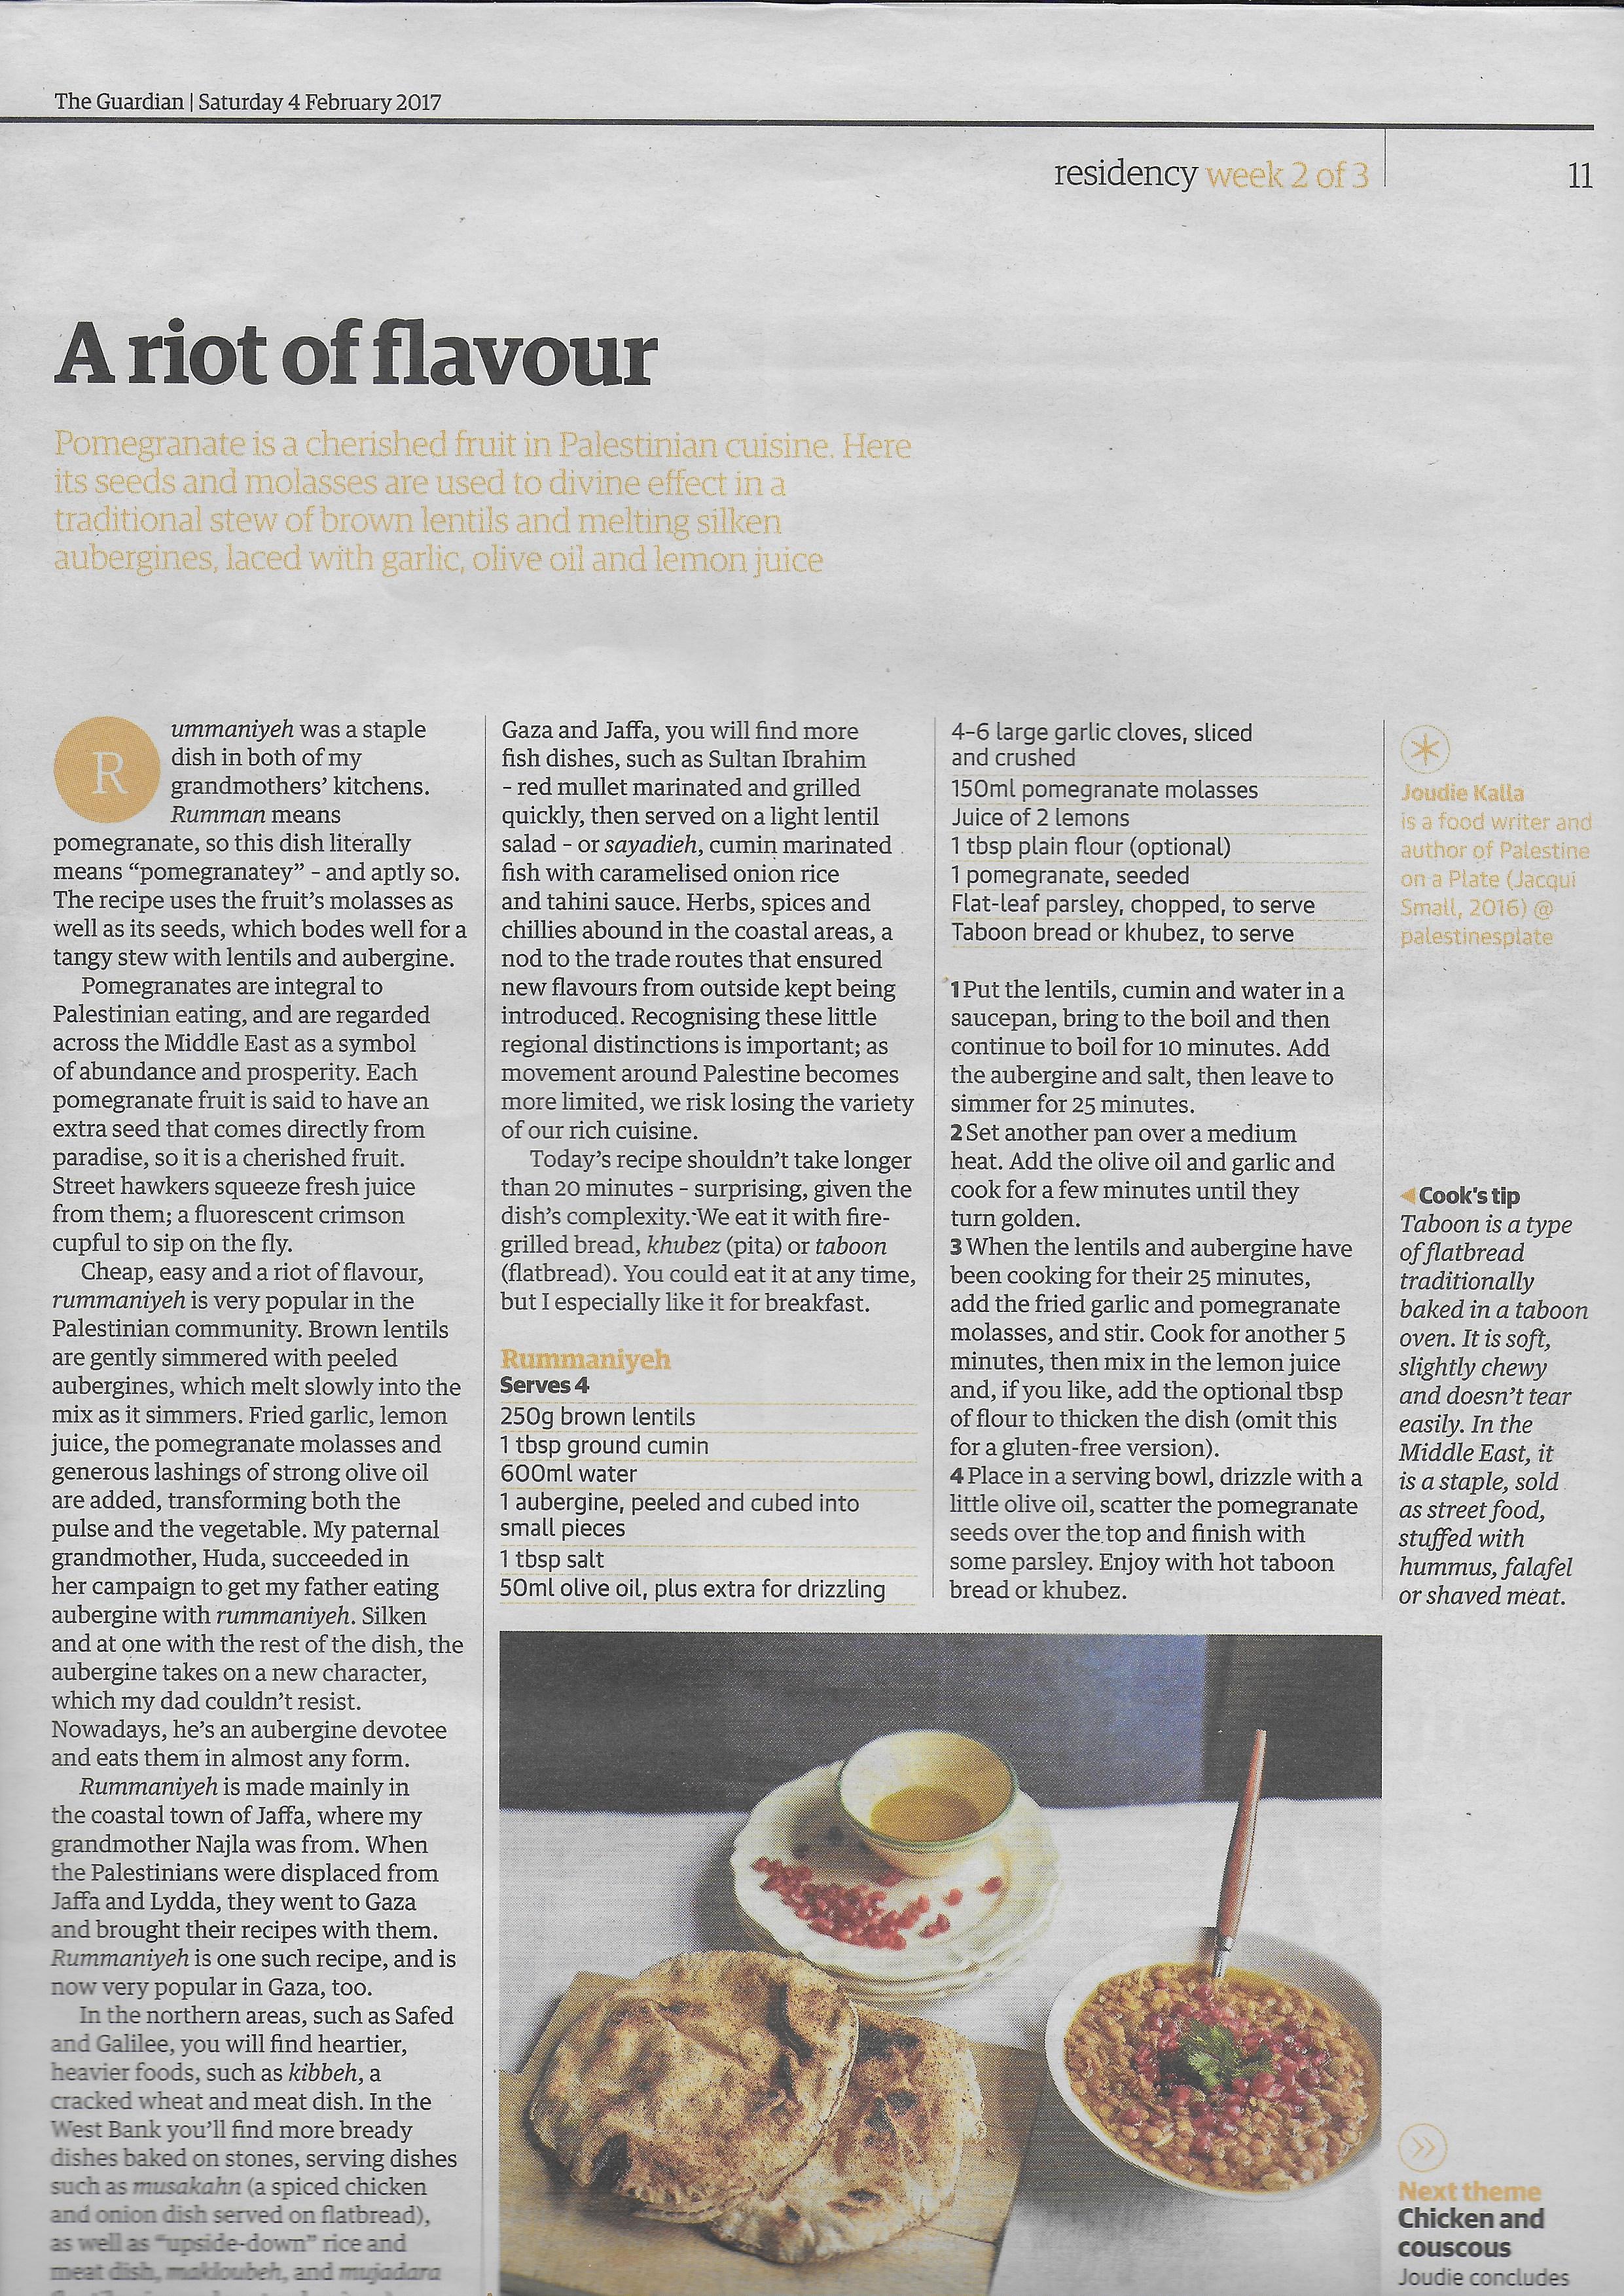 Guardian week 2 1.jpg